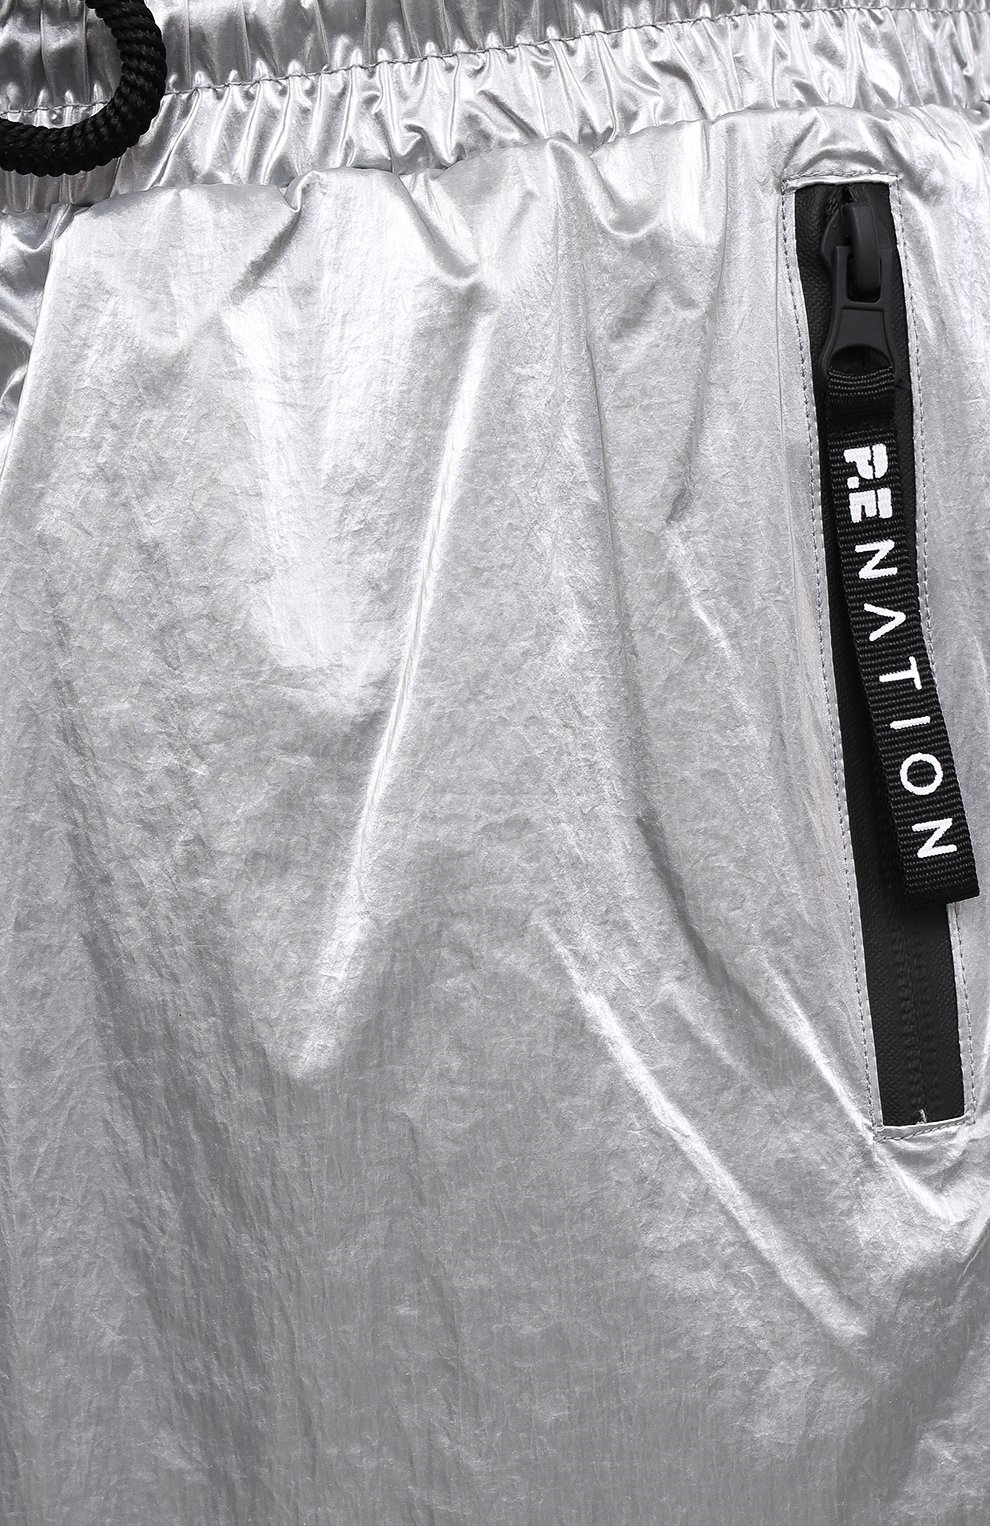 Женские шорты P.E. NATION серебряного цвета, арт. 20PE2S028   Фото 5 (Длина Ж (юбки, платья, шорты): Мини; Кросс-КТ: Спорт; Материал внешний: Синтетический материал; Материал подклада: Вискоза)